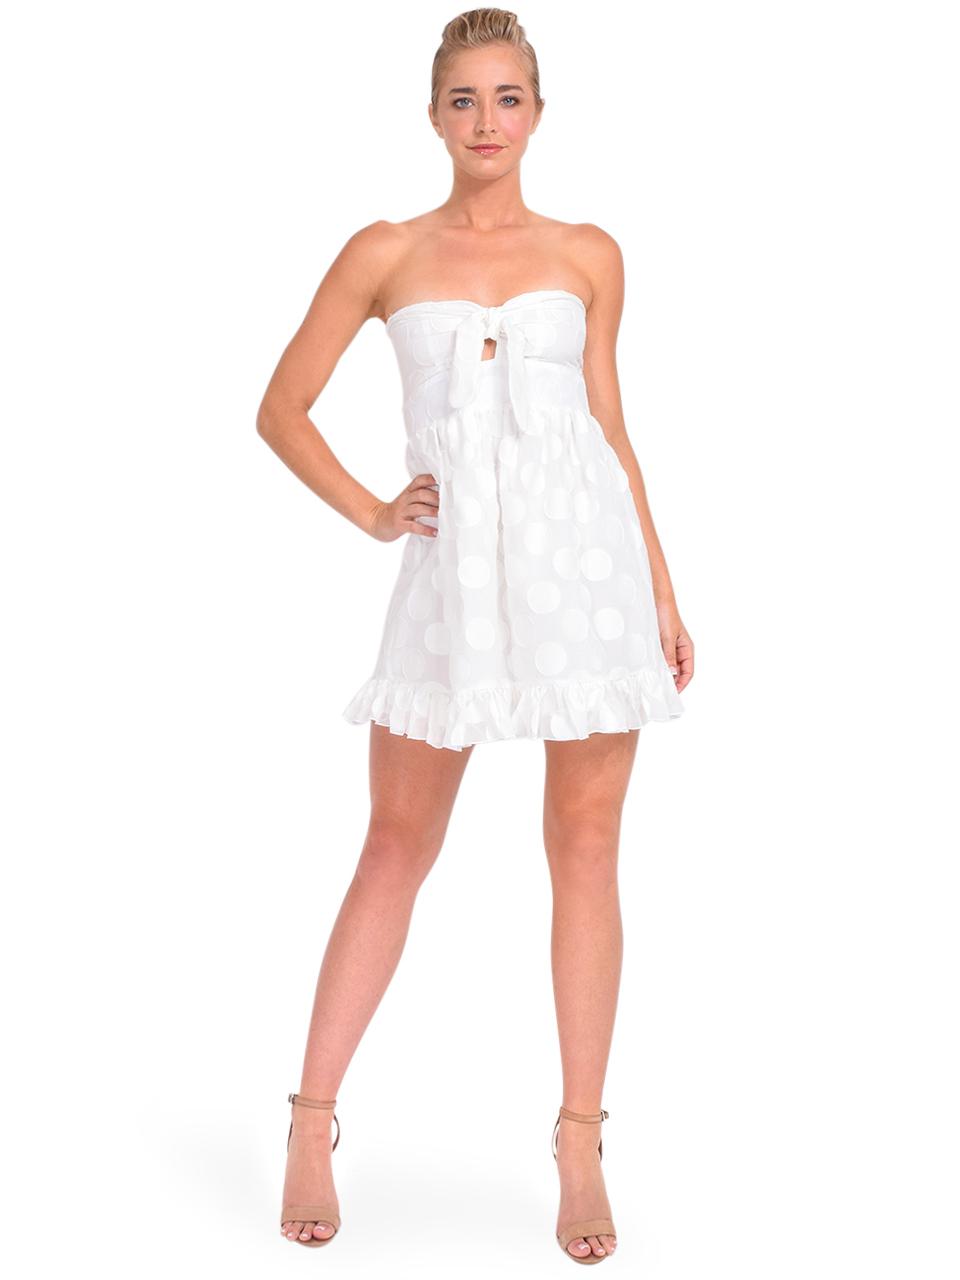 Karina Grimaldi Annie Dot Mini Dress in White Front View 2